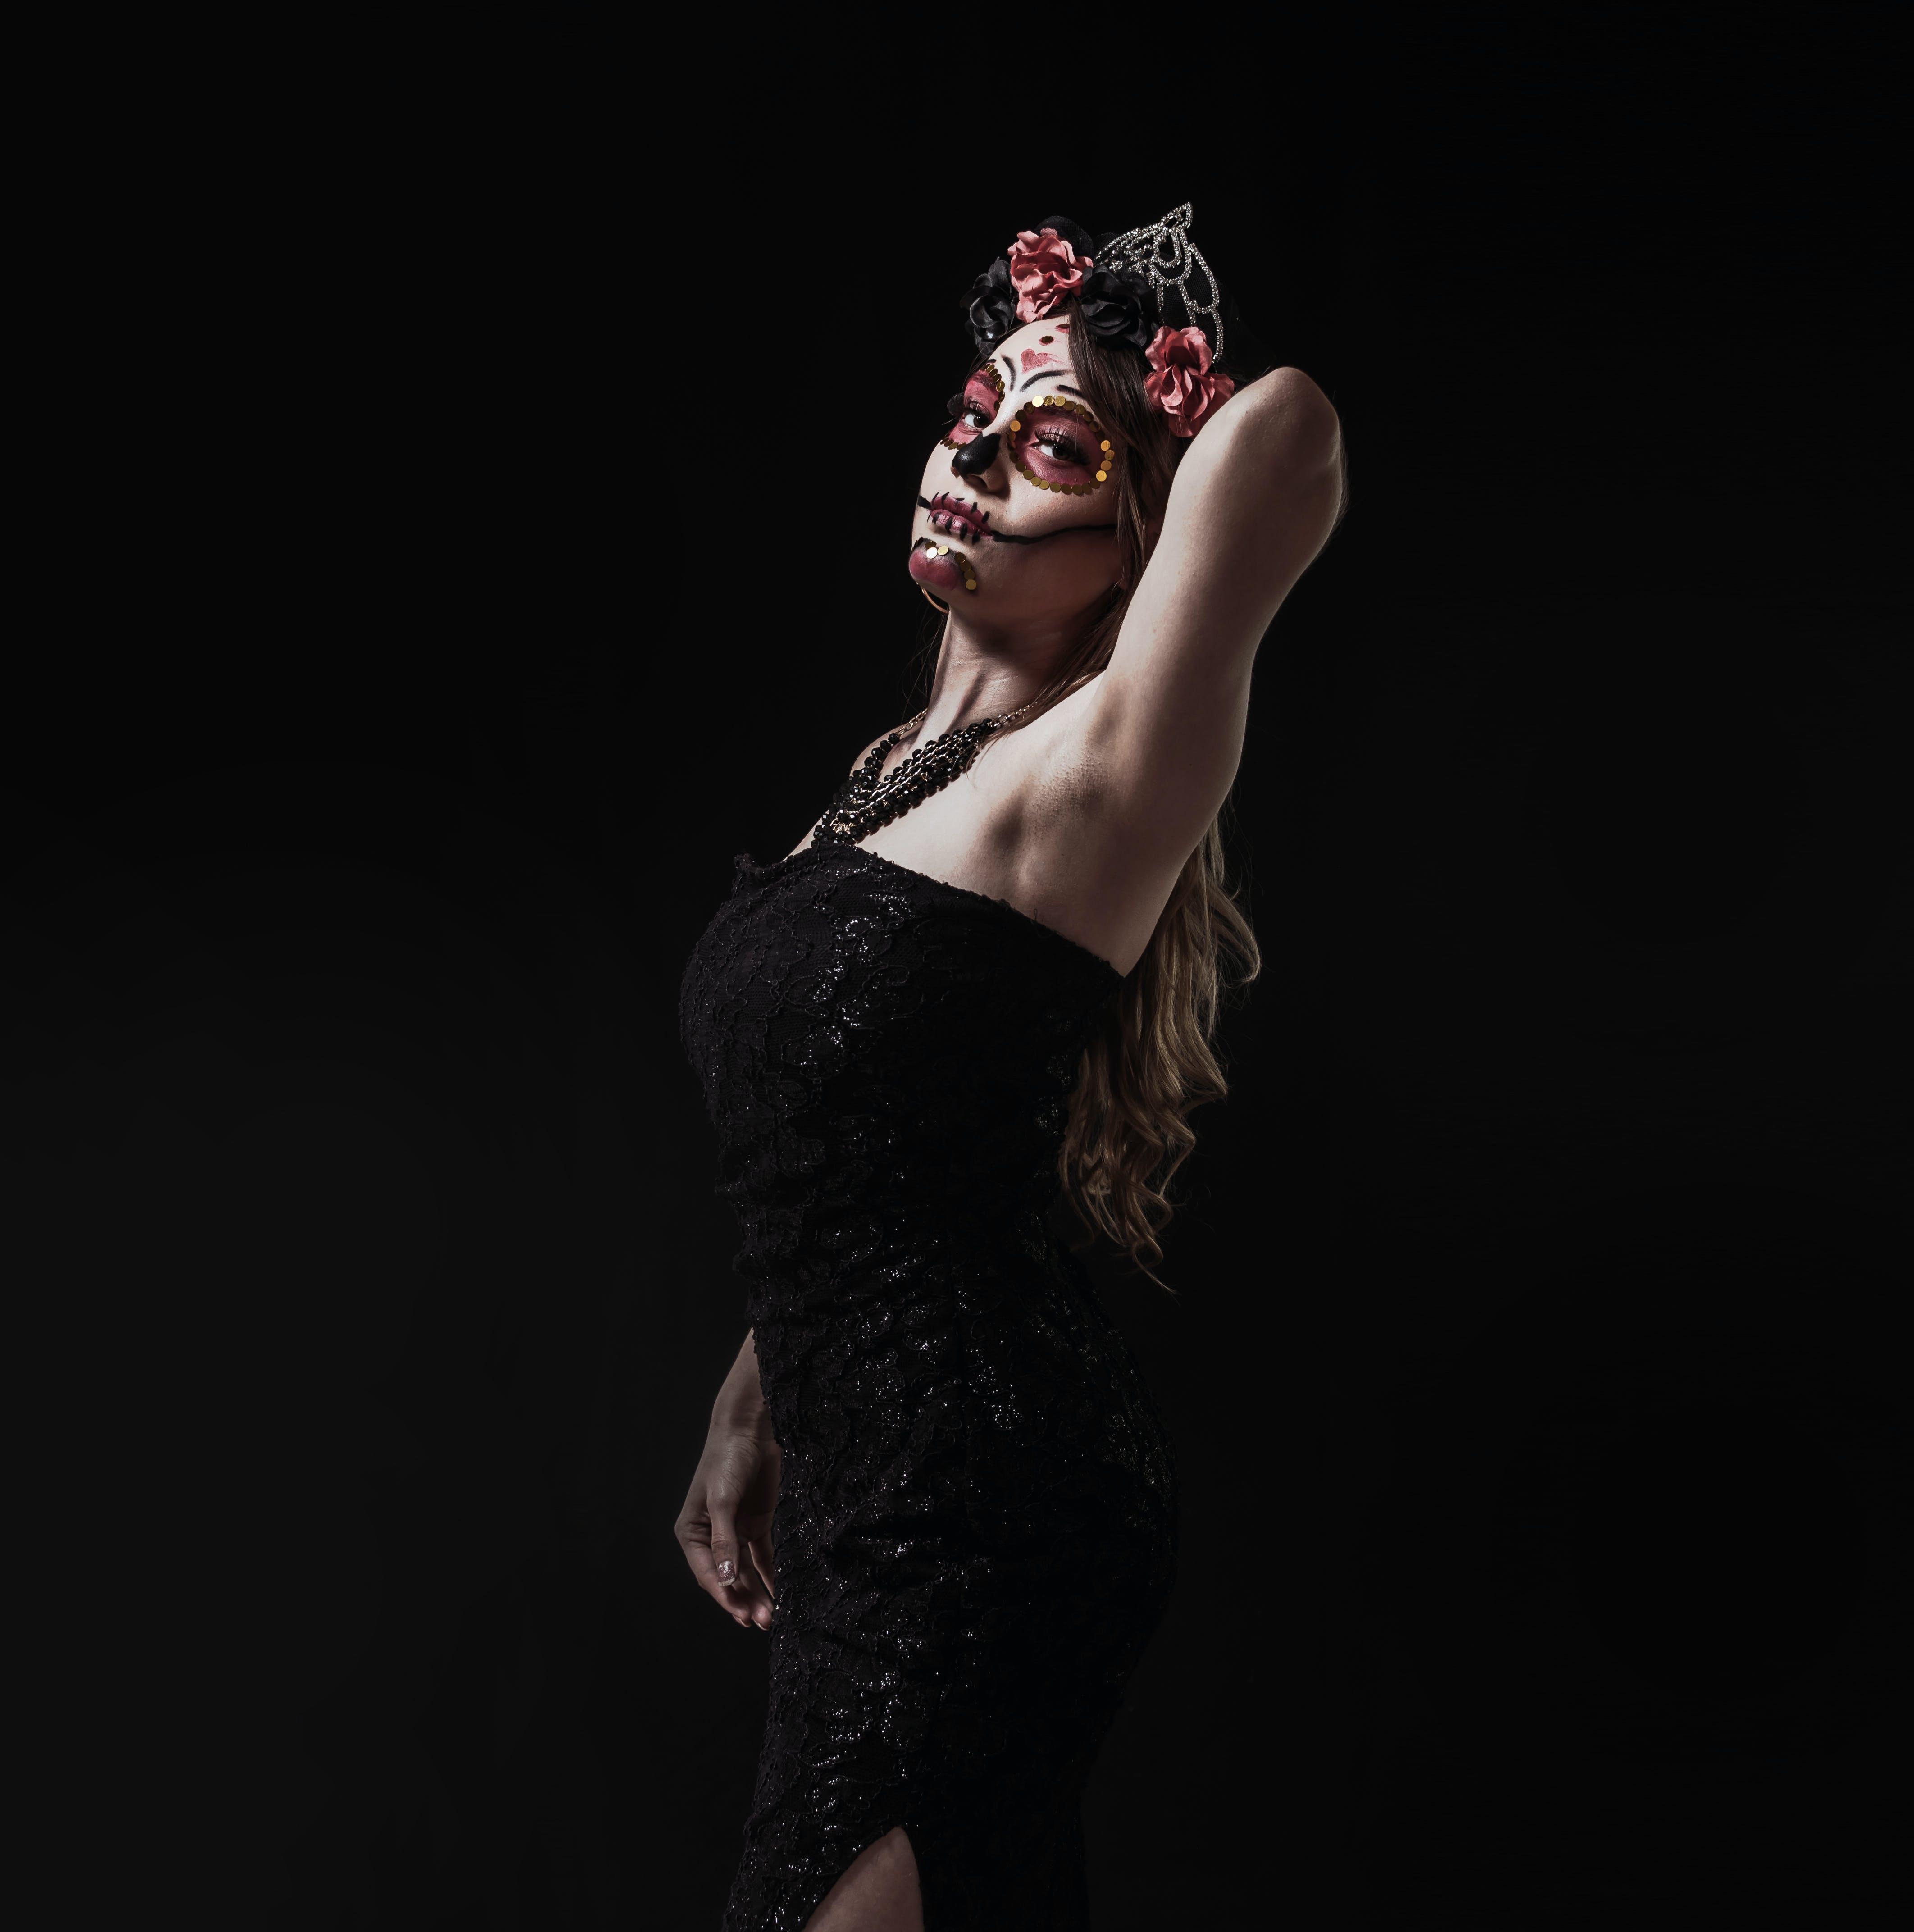 Woman Wearing Black Off-shoulder Dress With Skeletal Makeup